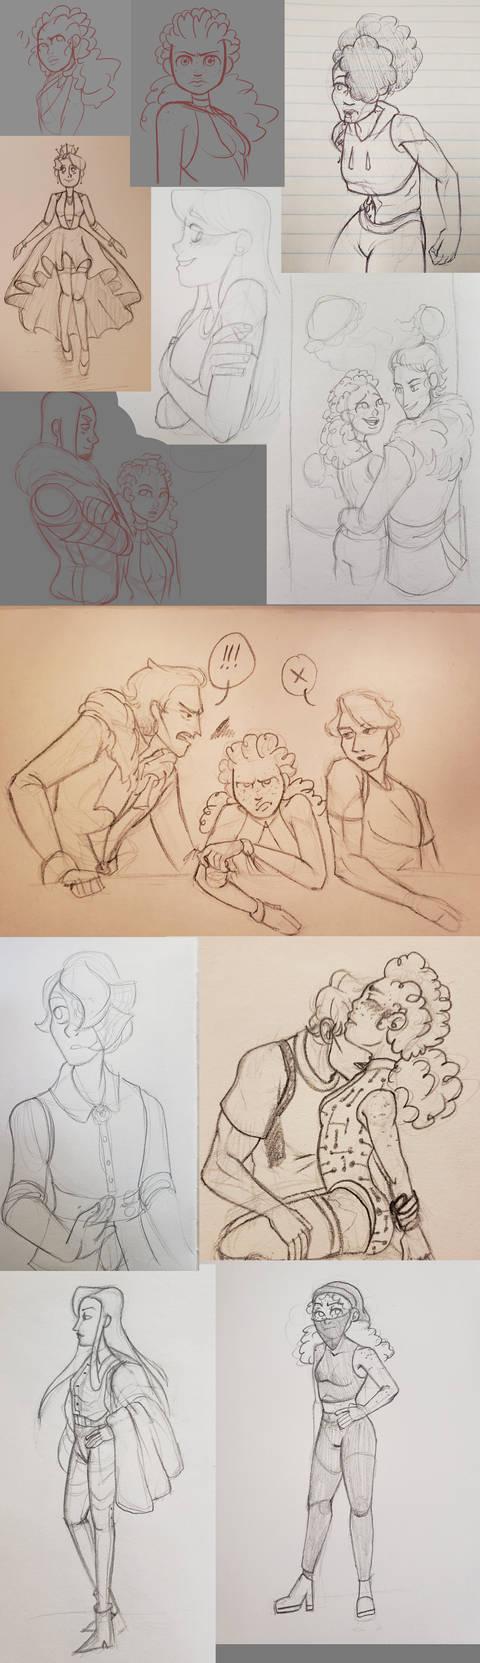 [TAS] Sketchdump 05 by crustrising